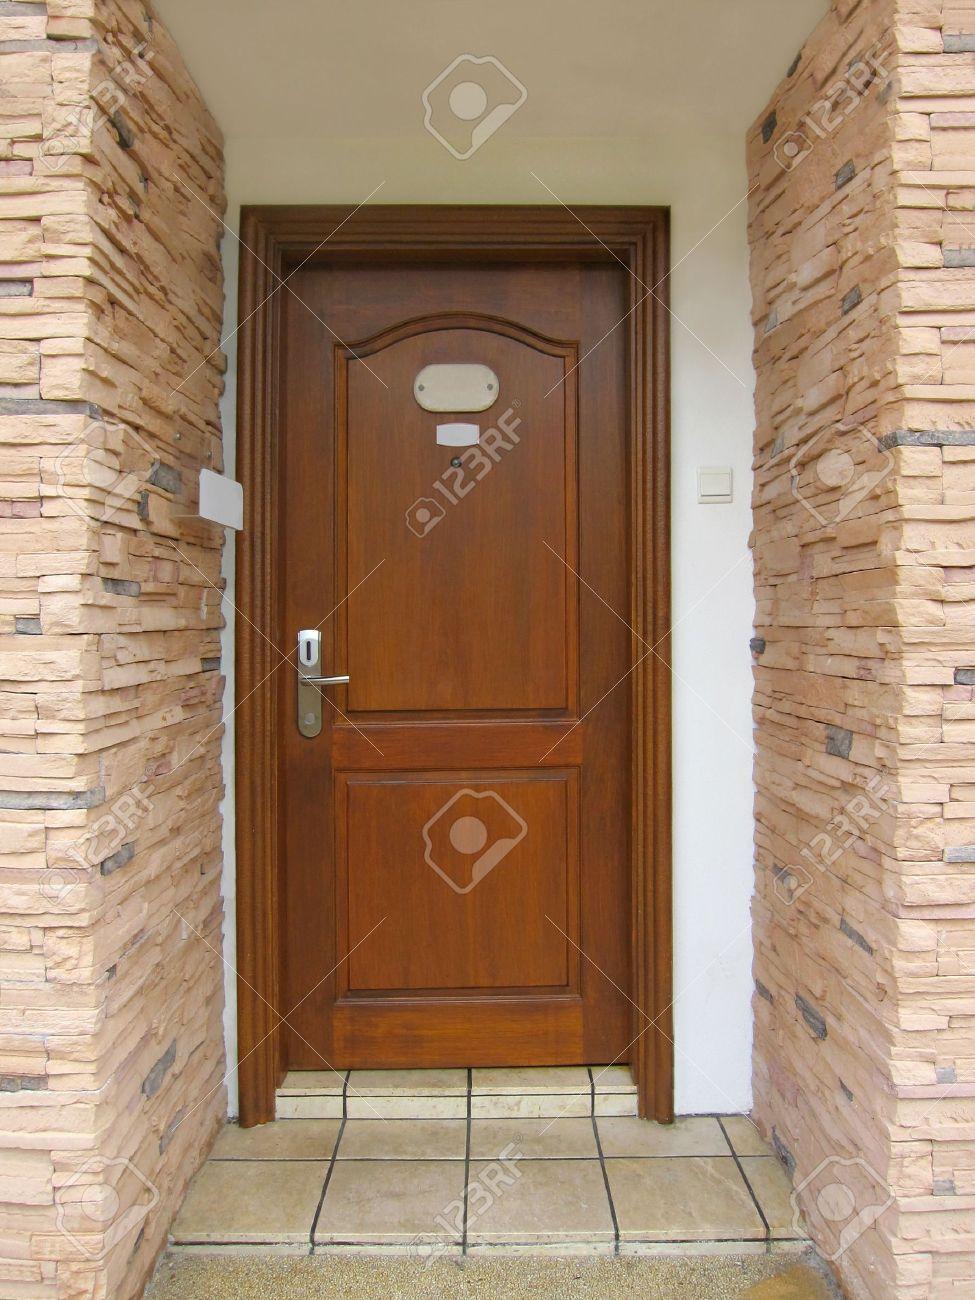 Resort\u0027s wooden door room entrance Stock Photo - 12535317 & Resort\u0027s Wooden Door Room Entrance Stock Photo Picture And ... Pezcame.Com